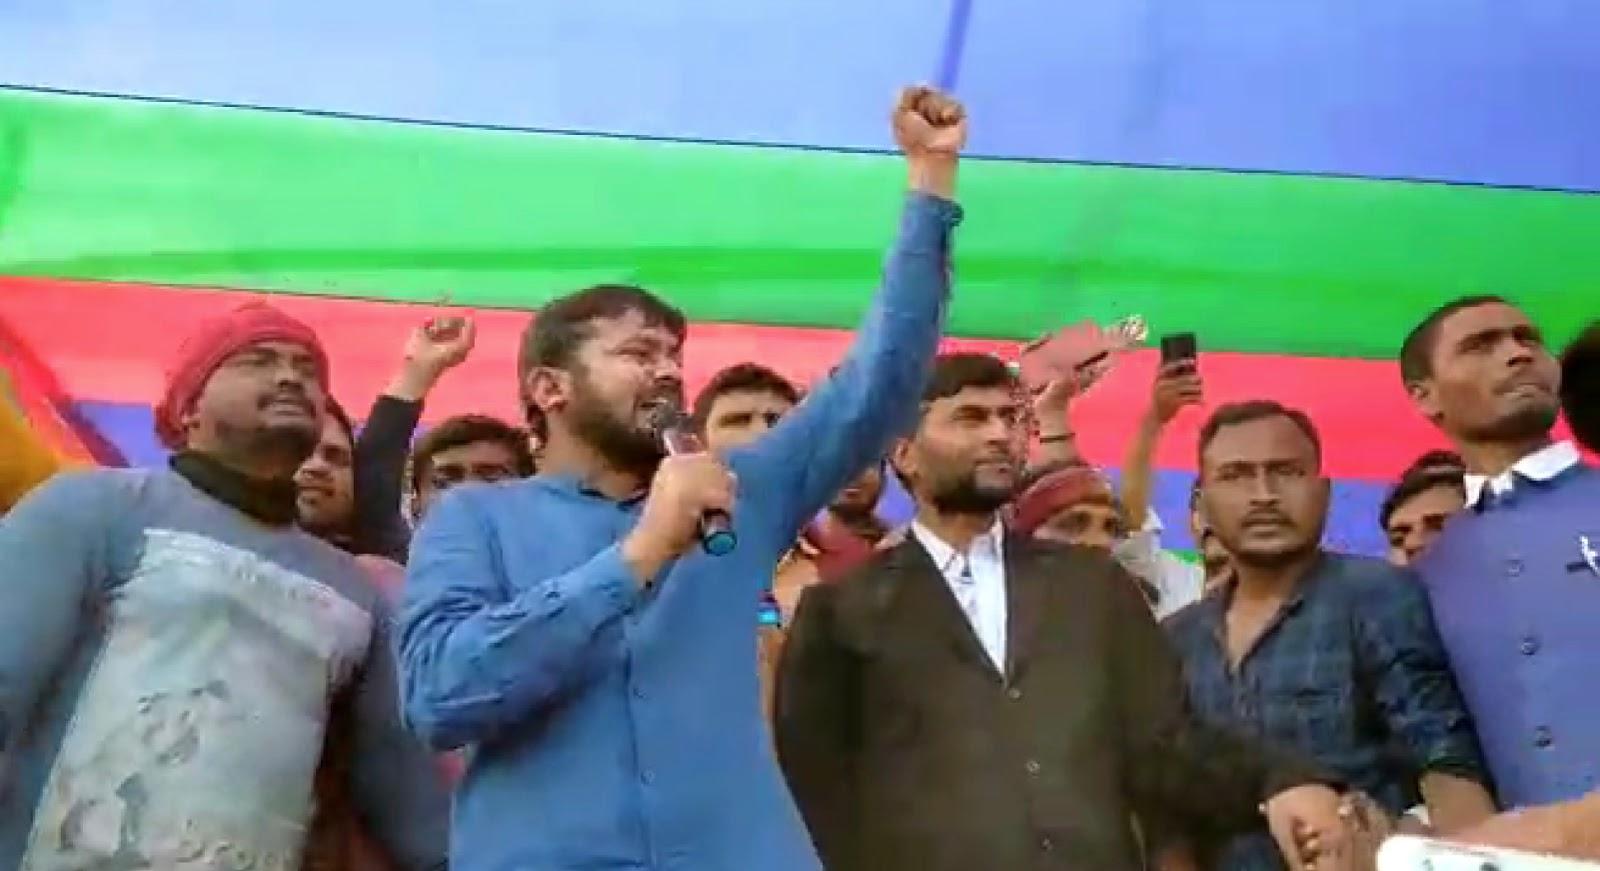 सारण में कन्हैया कुमार ने कहा ना एनआरसी ना एनपीआर देश मांगे शिक्षा और रोजगार